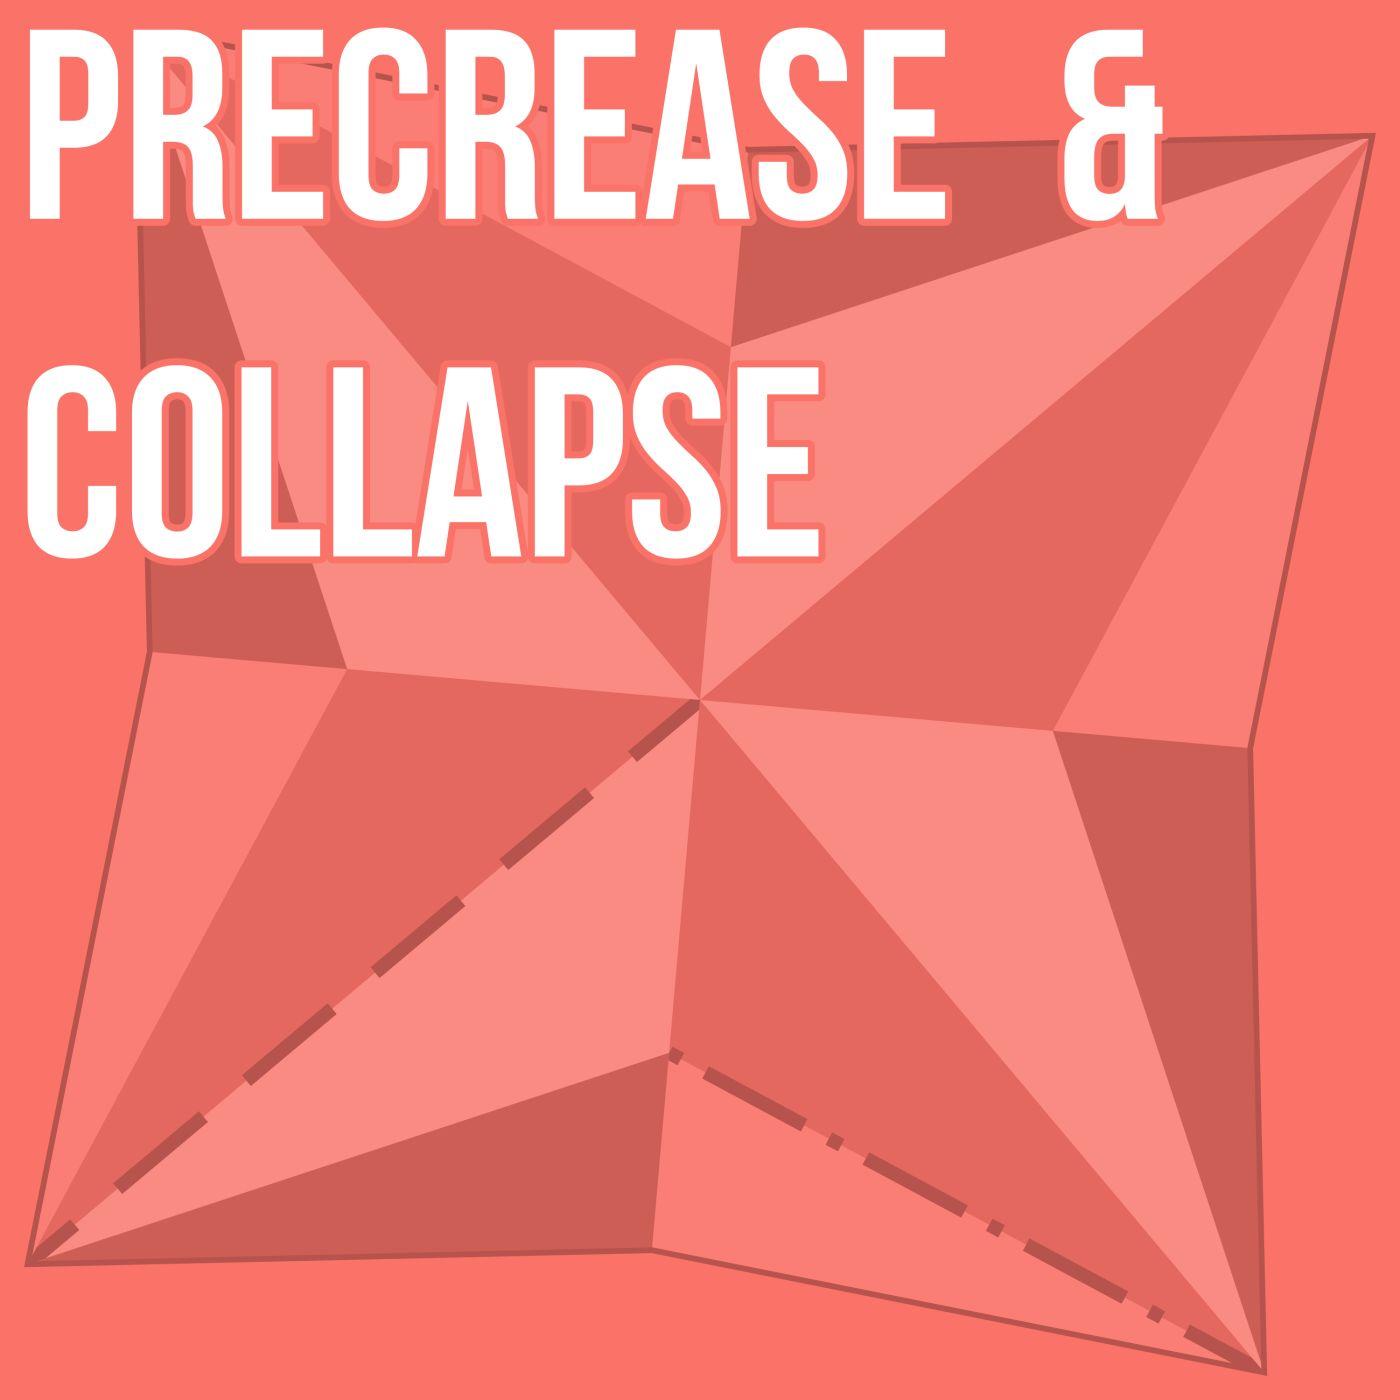 Precrease & Collapse, a teaser